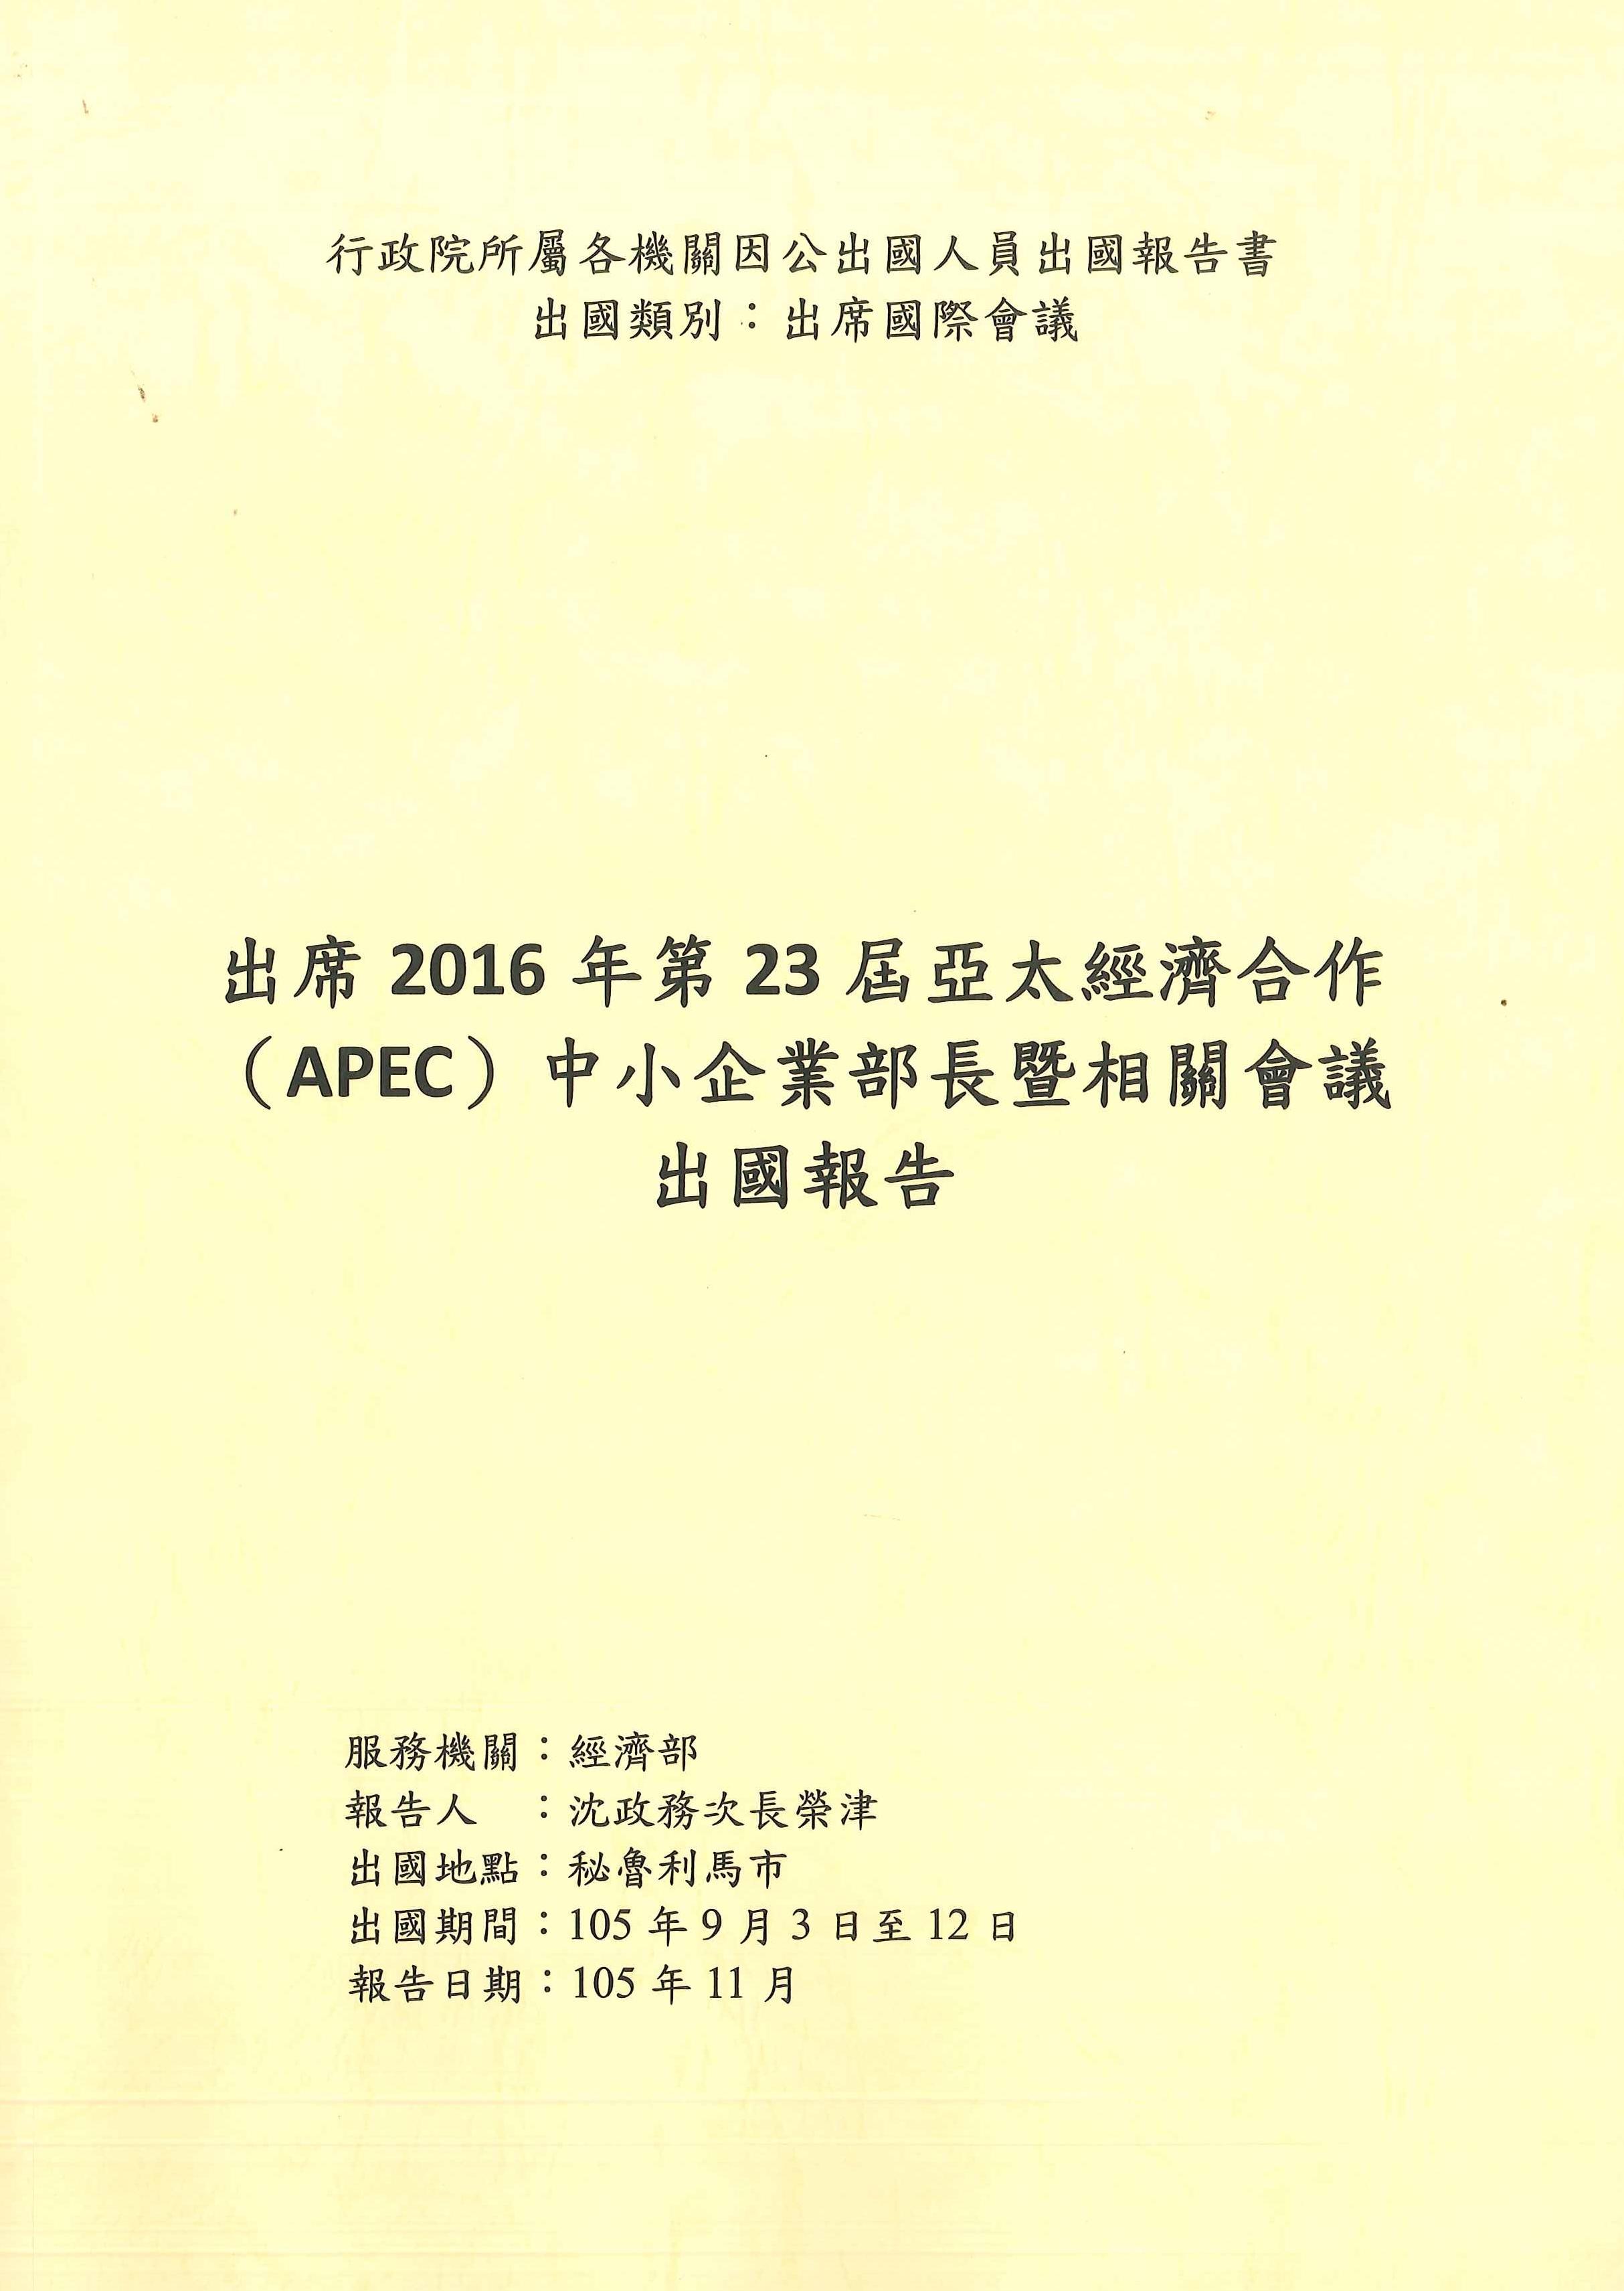 出席2016年第23屆亞太經濟合作(APEC)中小企業部長暨相關會議出國報告